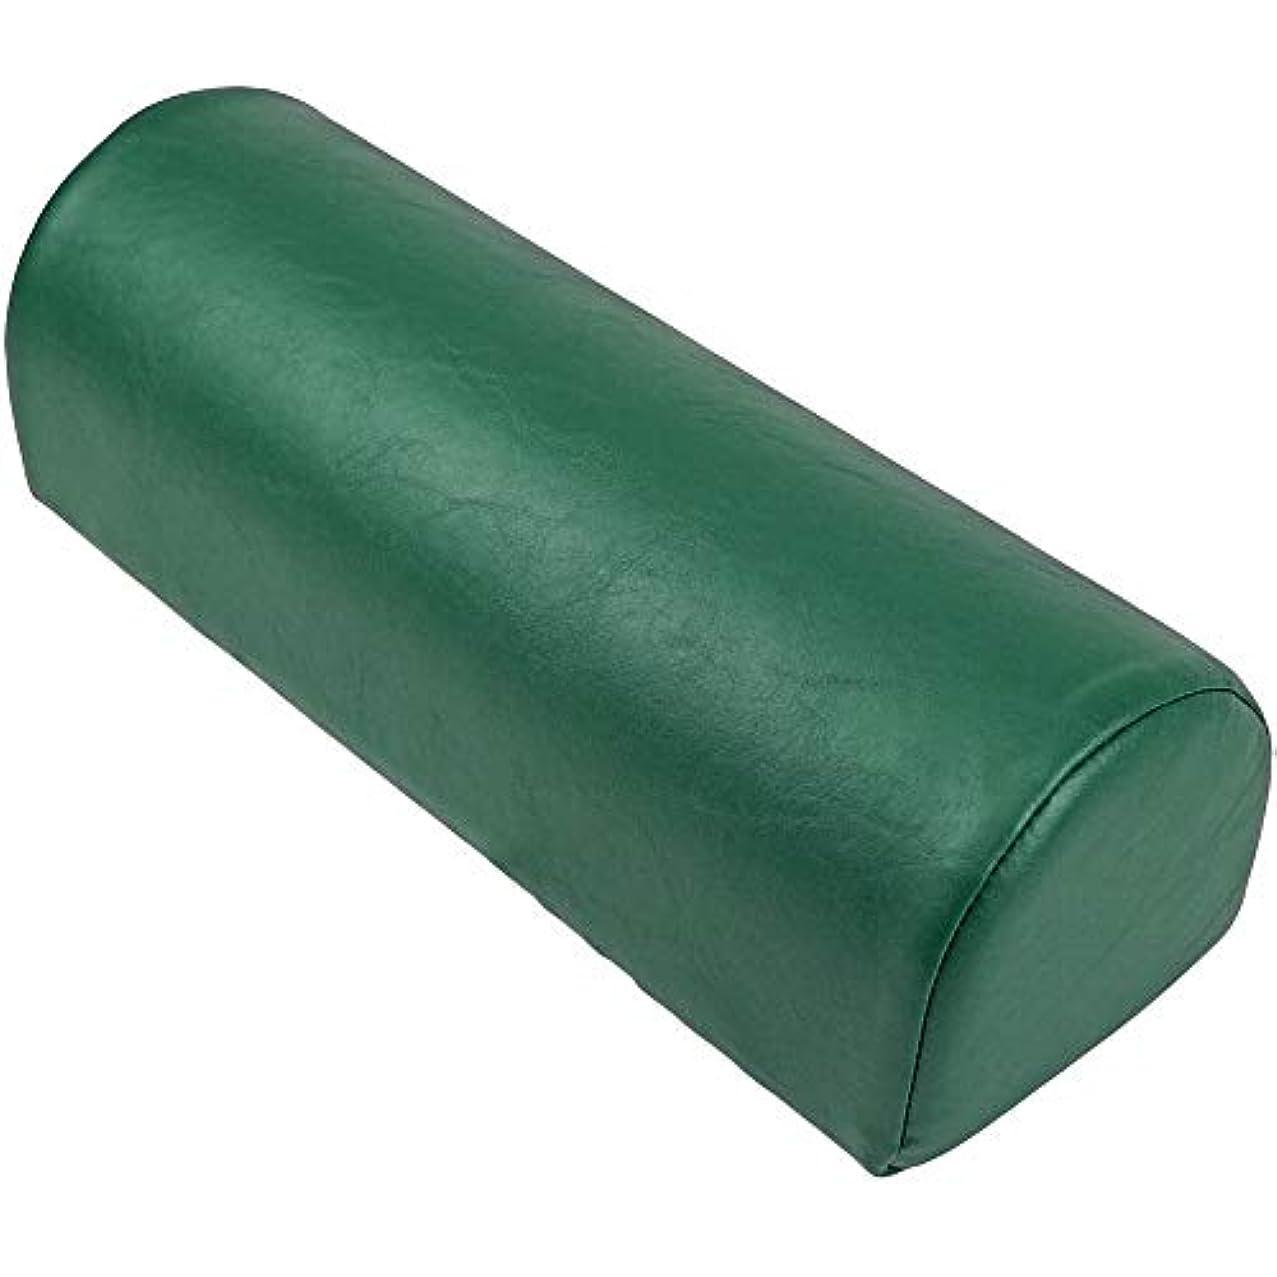 実際に匹敵します寓話LLOYD (ロイド) ダッチマンロール【平底型】マッサージ クッション 椎間板 の 施術 足首 の支え 側臥位 の際の 枕 にも最適 (フォレスト)